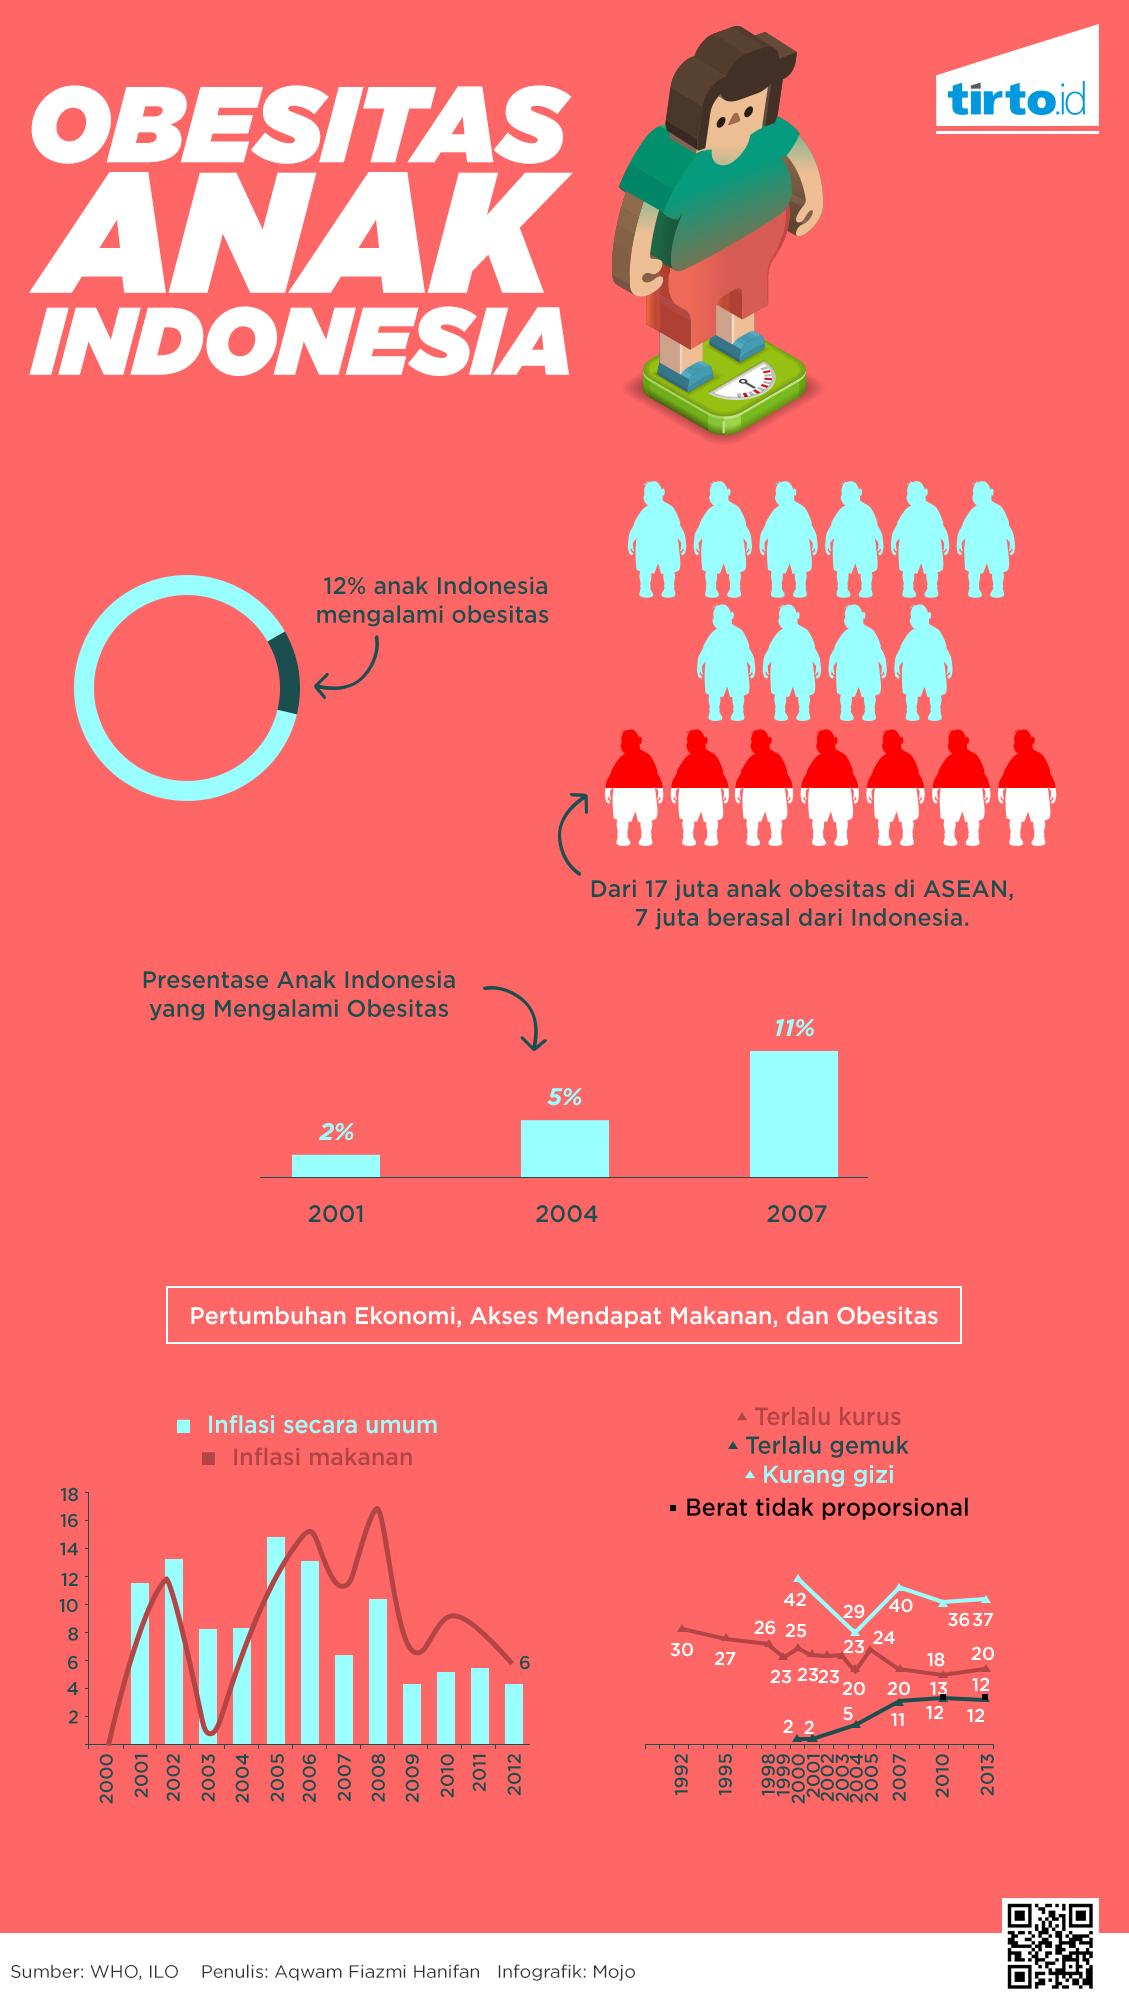 Faktor Penyebab Obesitas di Indonesia Beserta Dampak Buruknya